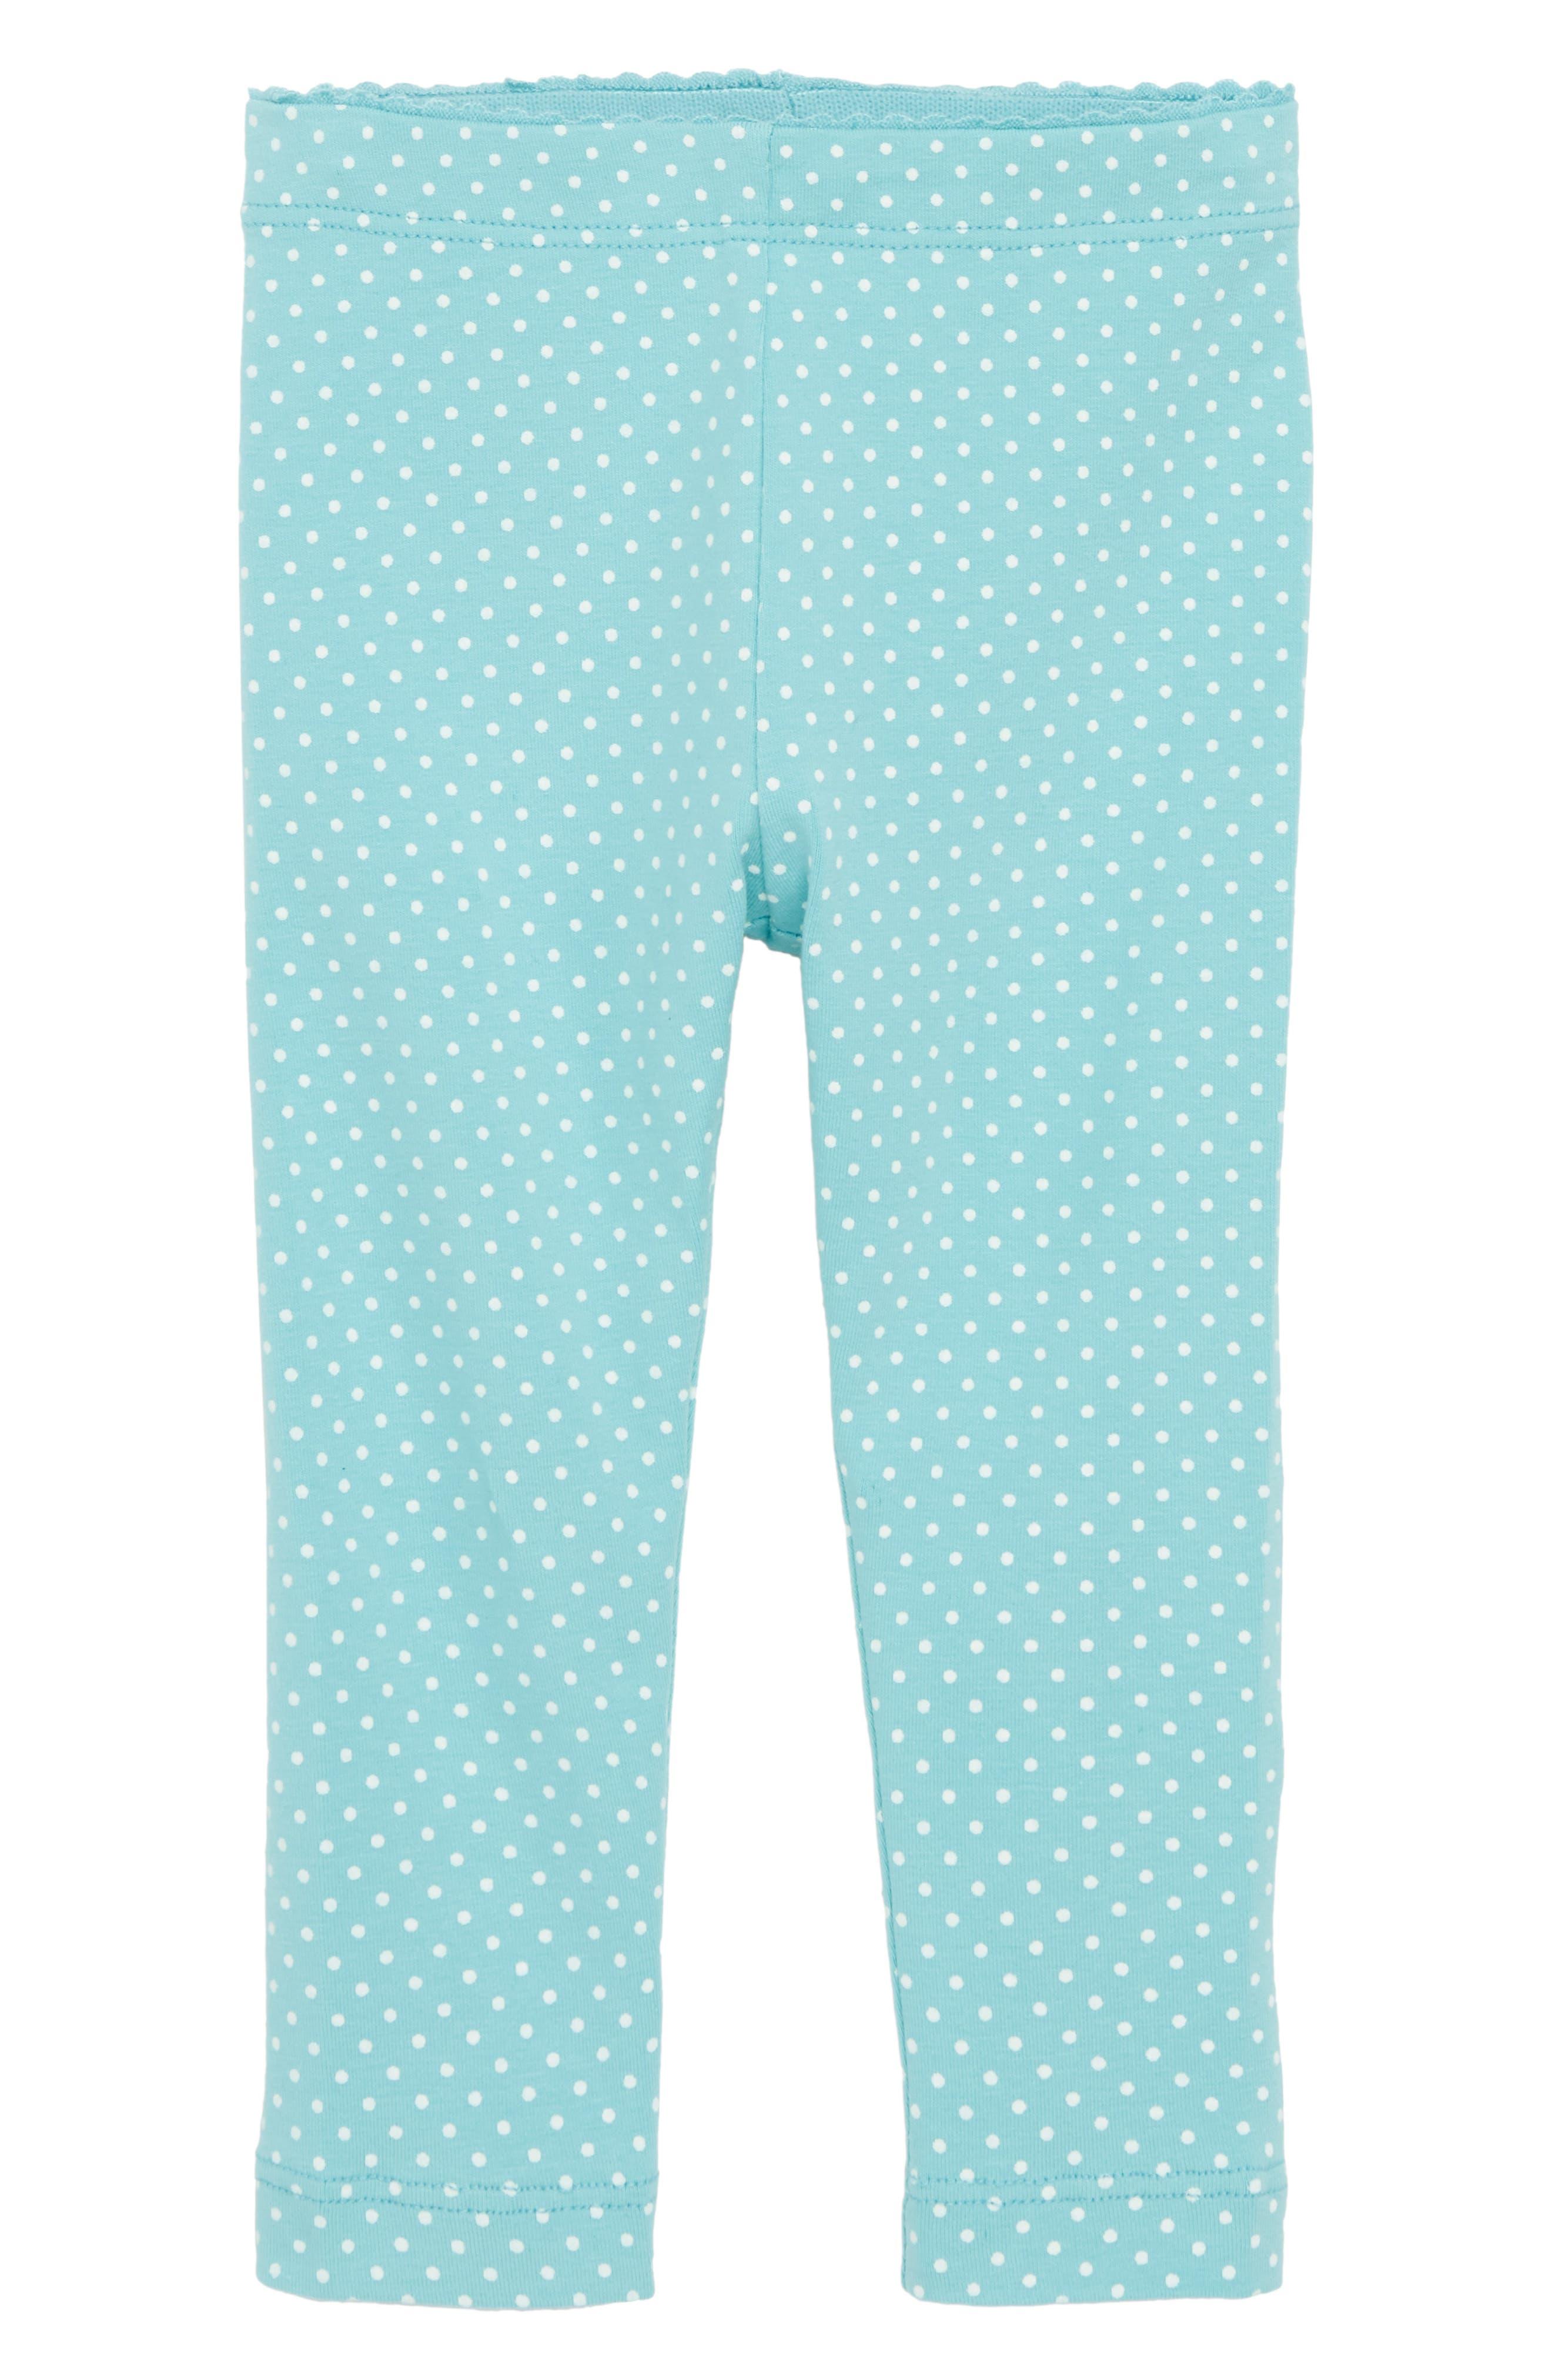 Tea Collection Pin Dot Leggings (Baby Girls)